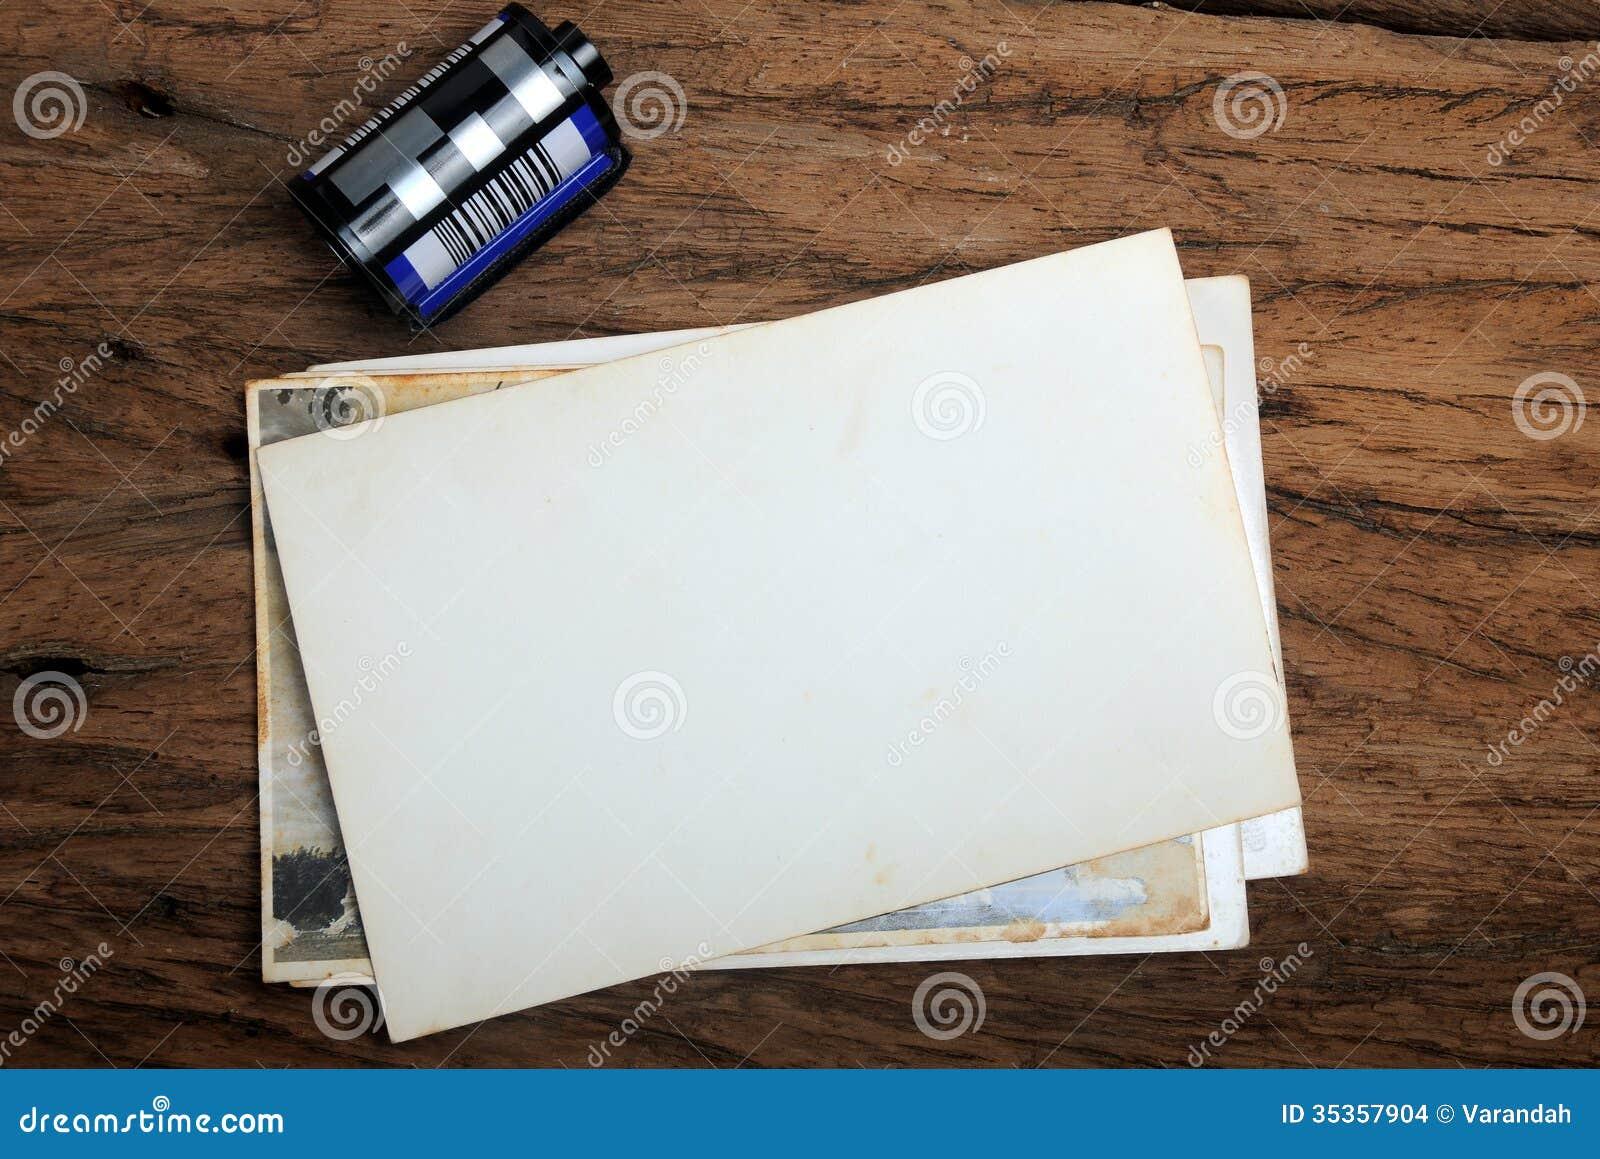 Παλαιό πλαίσιο φωτογραφιών εγγράφου με την ταινία καμερών στο ξύλινο υπόβαθρο